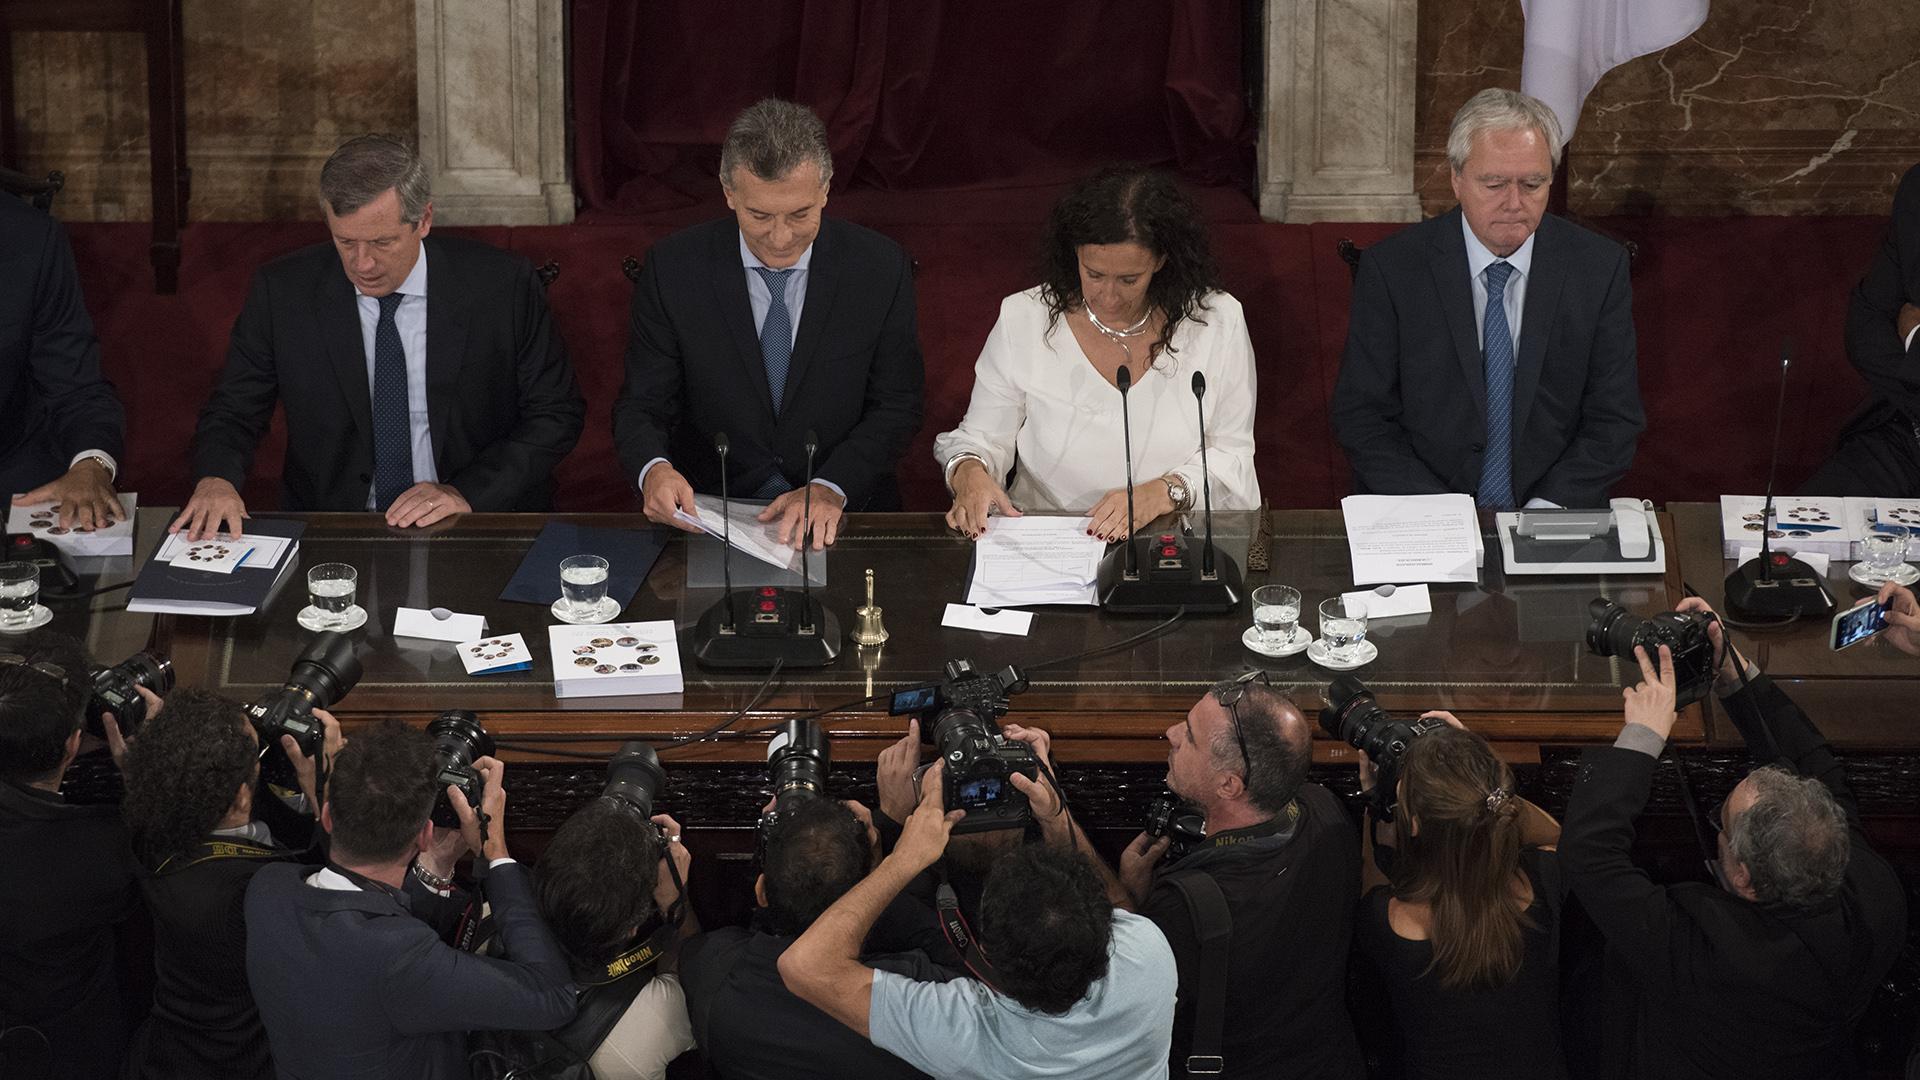 Emilio Monzó, Mauricio Macri, Gabriela Michetti y Federico Pinedo retratados por los fotógrafos